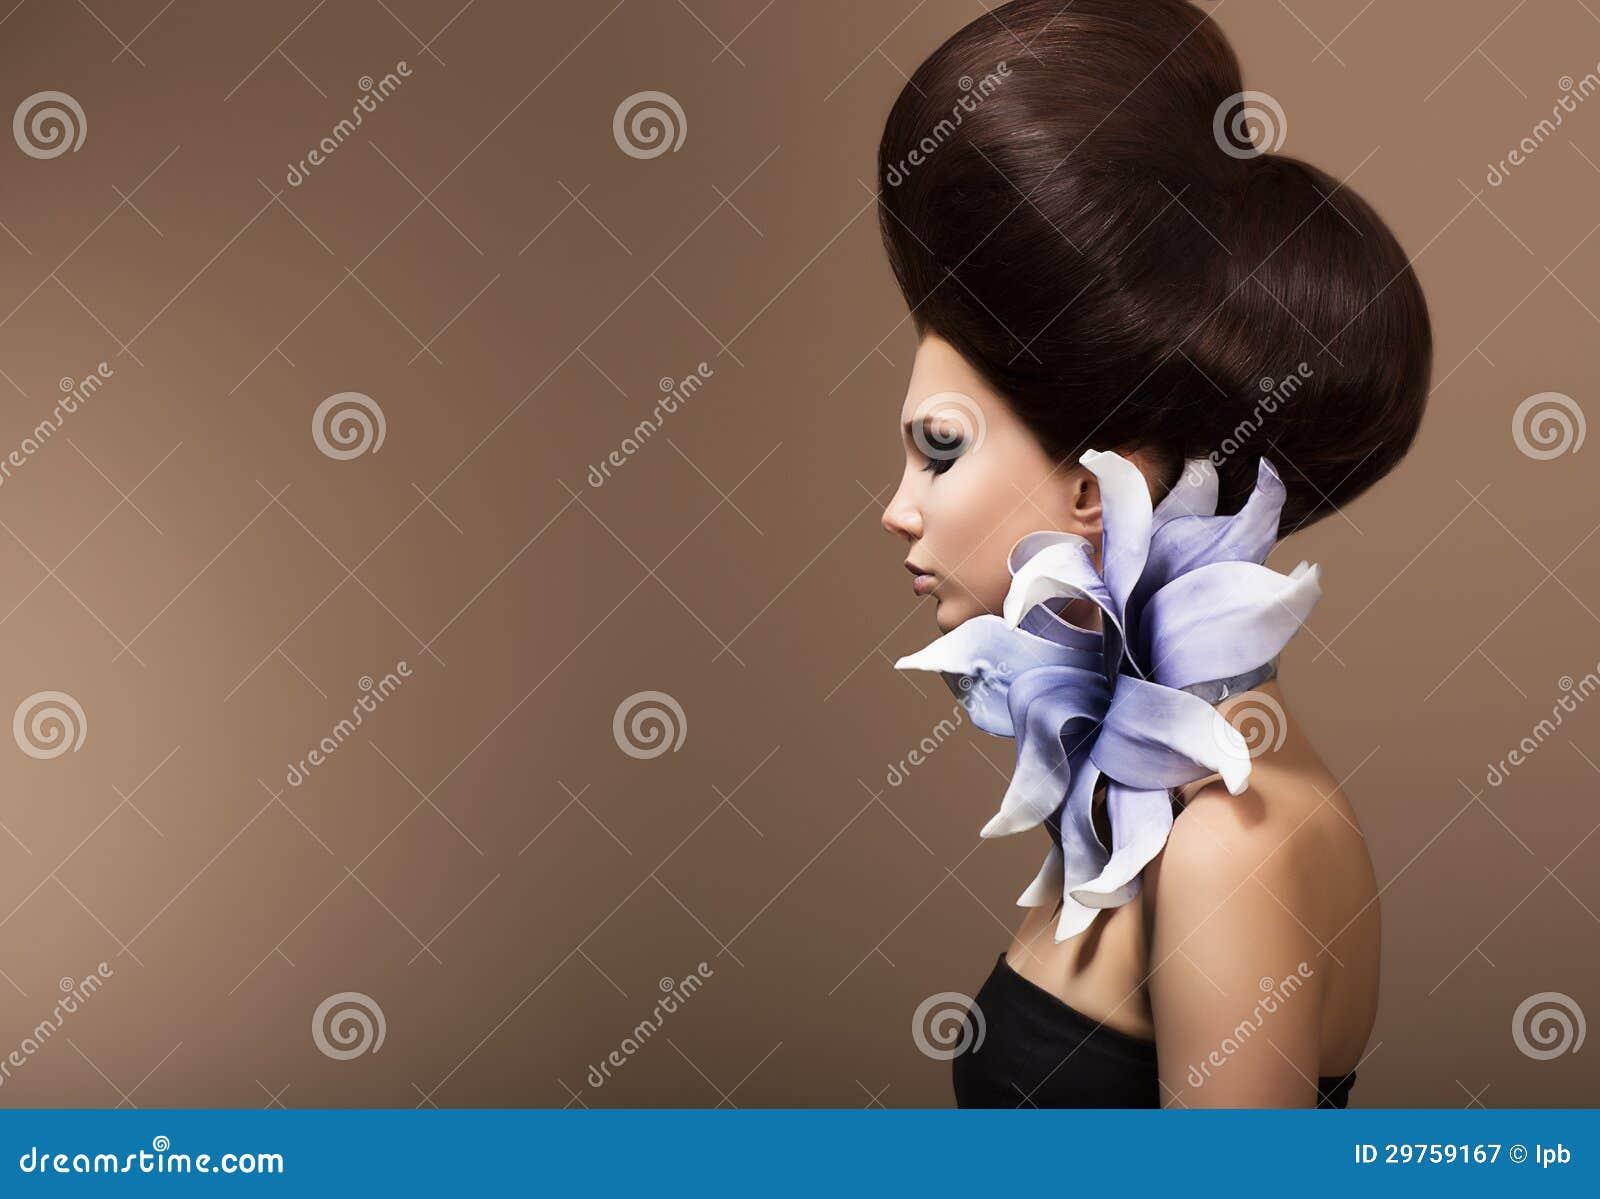 Utforma. Ursnyggt dana kvinnan med den moderiktiga frisyren. Bryna hår